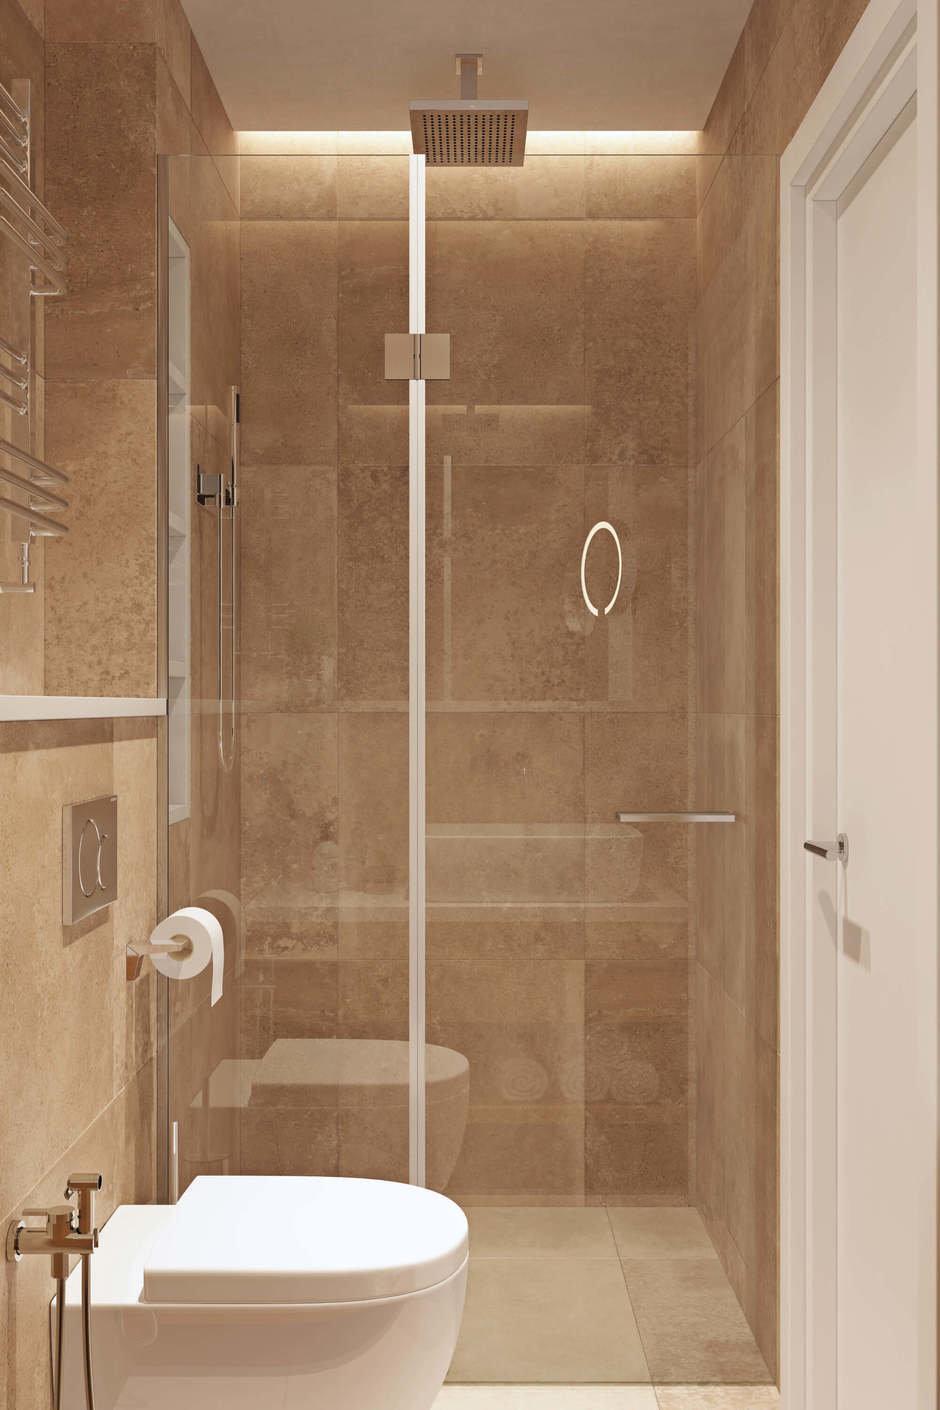 Фотография: Ванная в стиле Современный, Квартира, Проект недели, Geometrium, Монолитный дом, 3 комнаты, 60-90 метров, ЖК «Арт Casa Luna» – фото на InMyRoom.ru